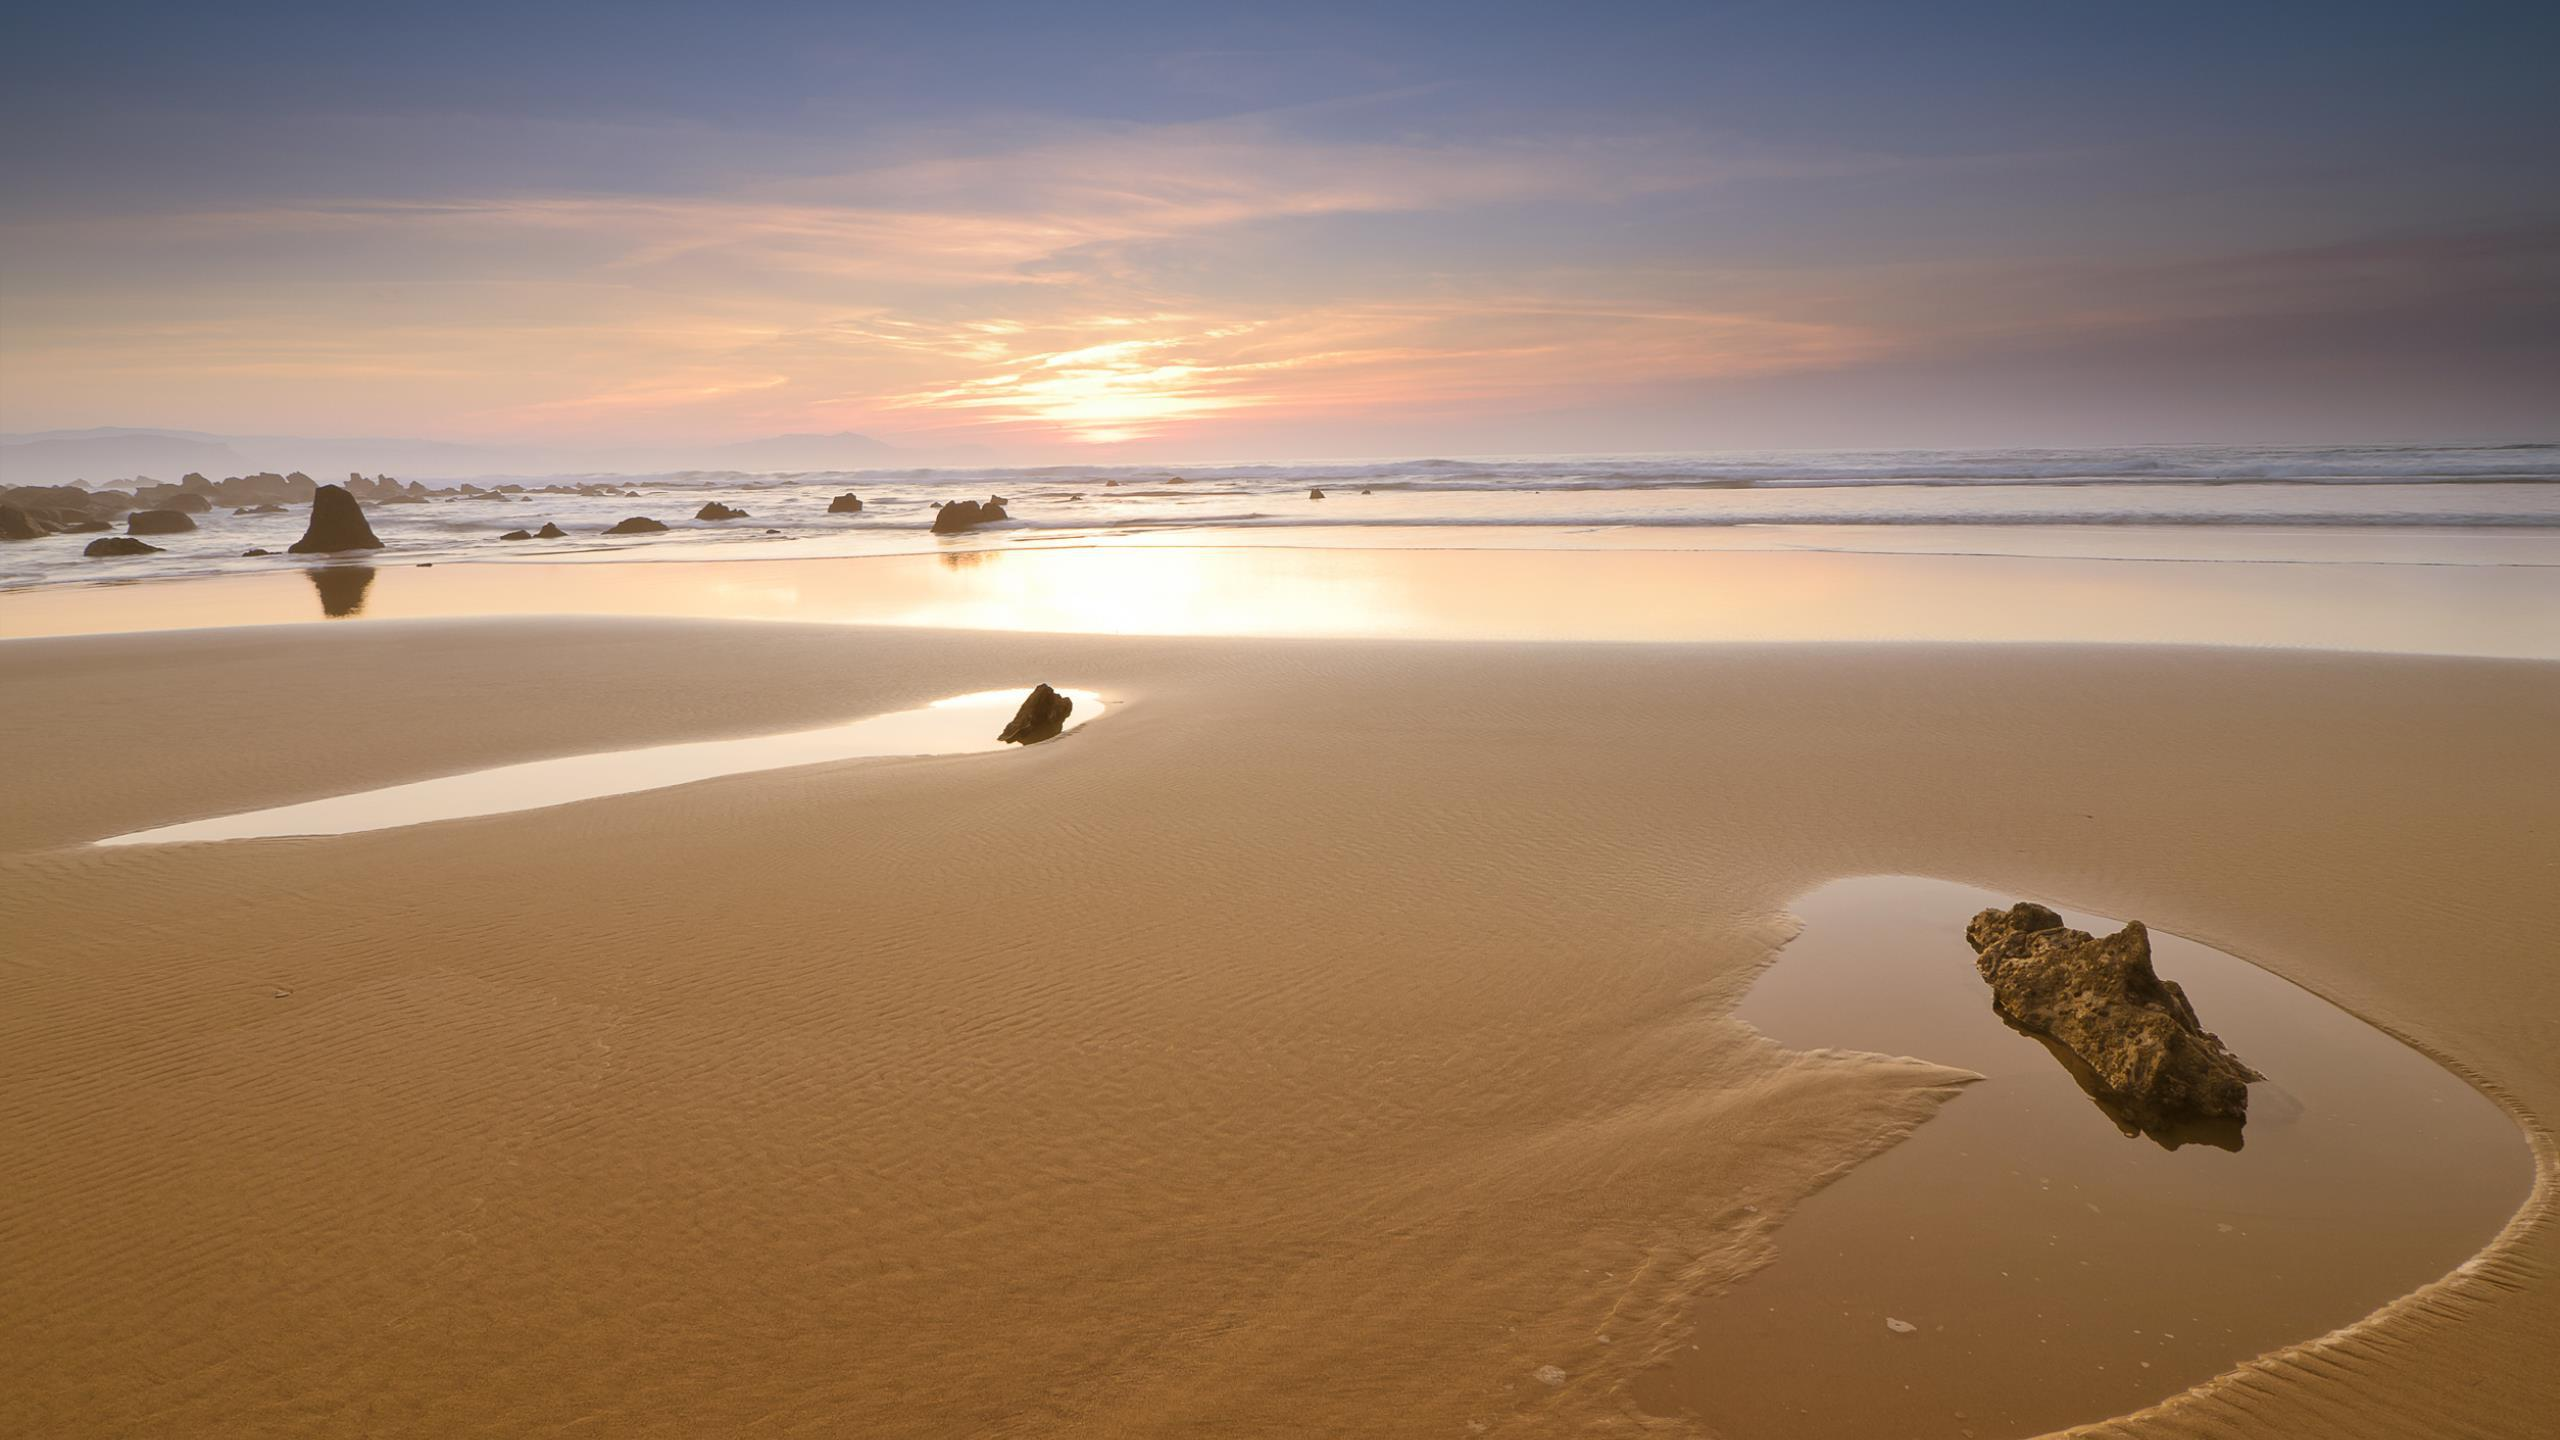 Widescreen resolutions (16:10): 1280x800 1440x900 1680x1050 1920x1200. Normal resolutions: 1024x768 1280x1024. Wallpaper Tags: beaches beach sandy beach